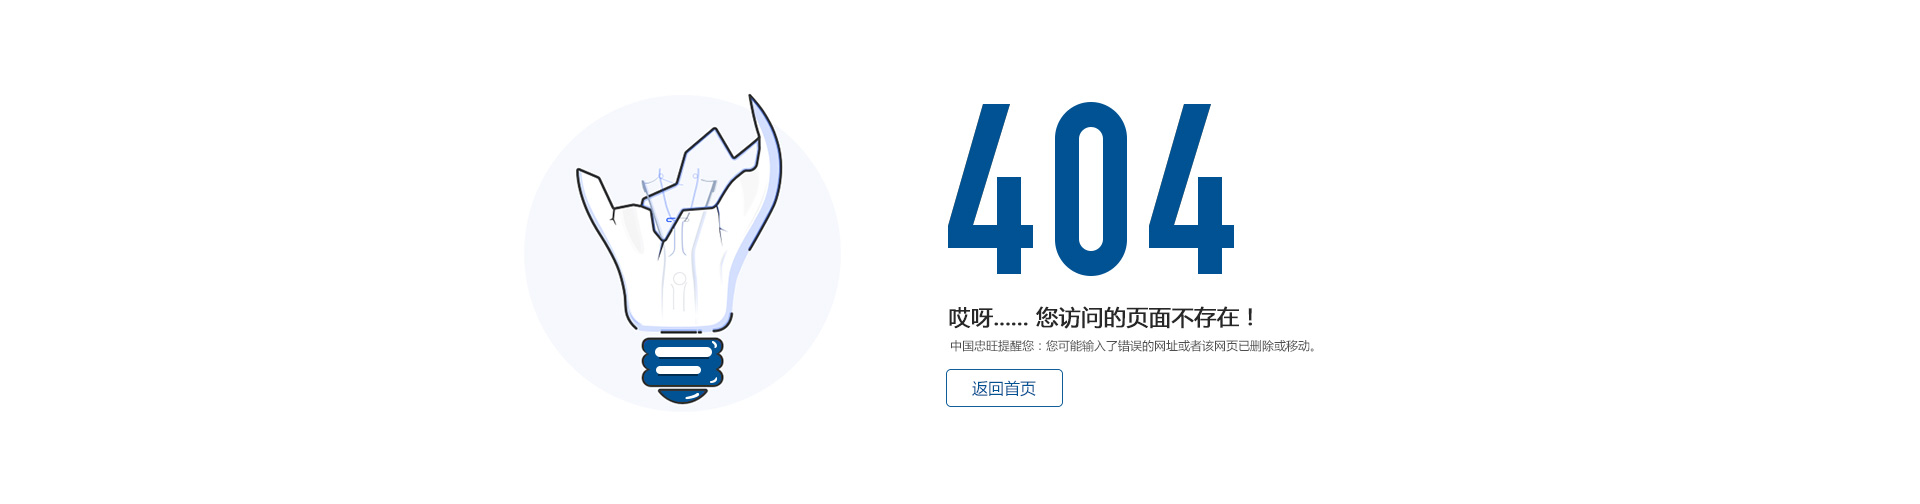 中國社會科學院「2016-2017年度最具競爭力鋁業集團」